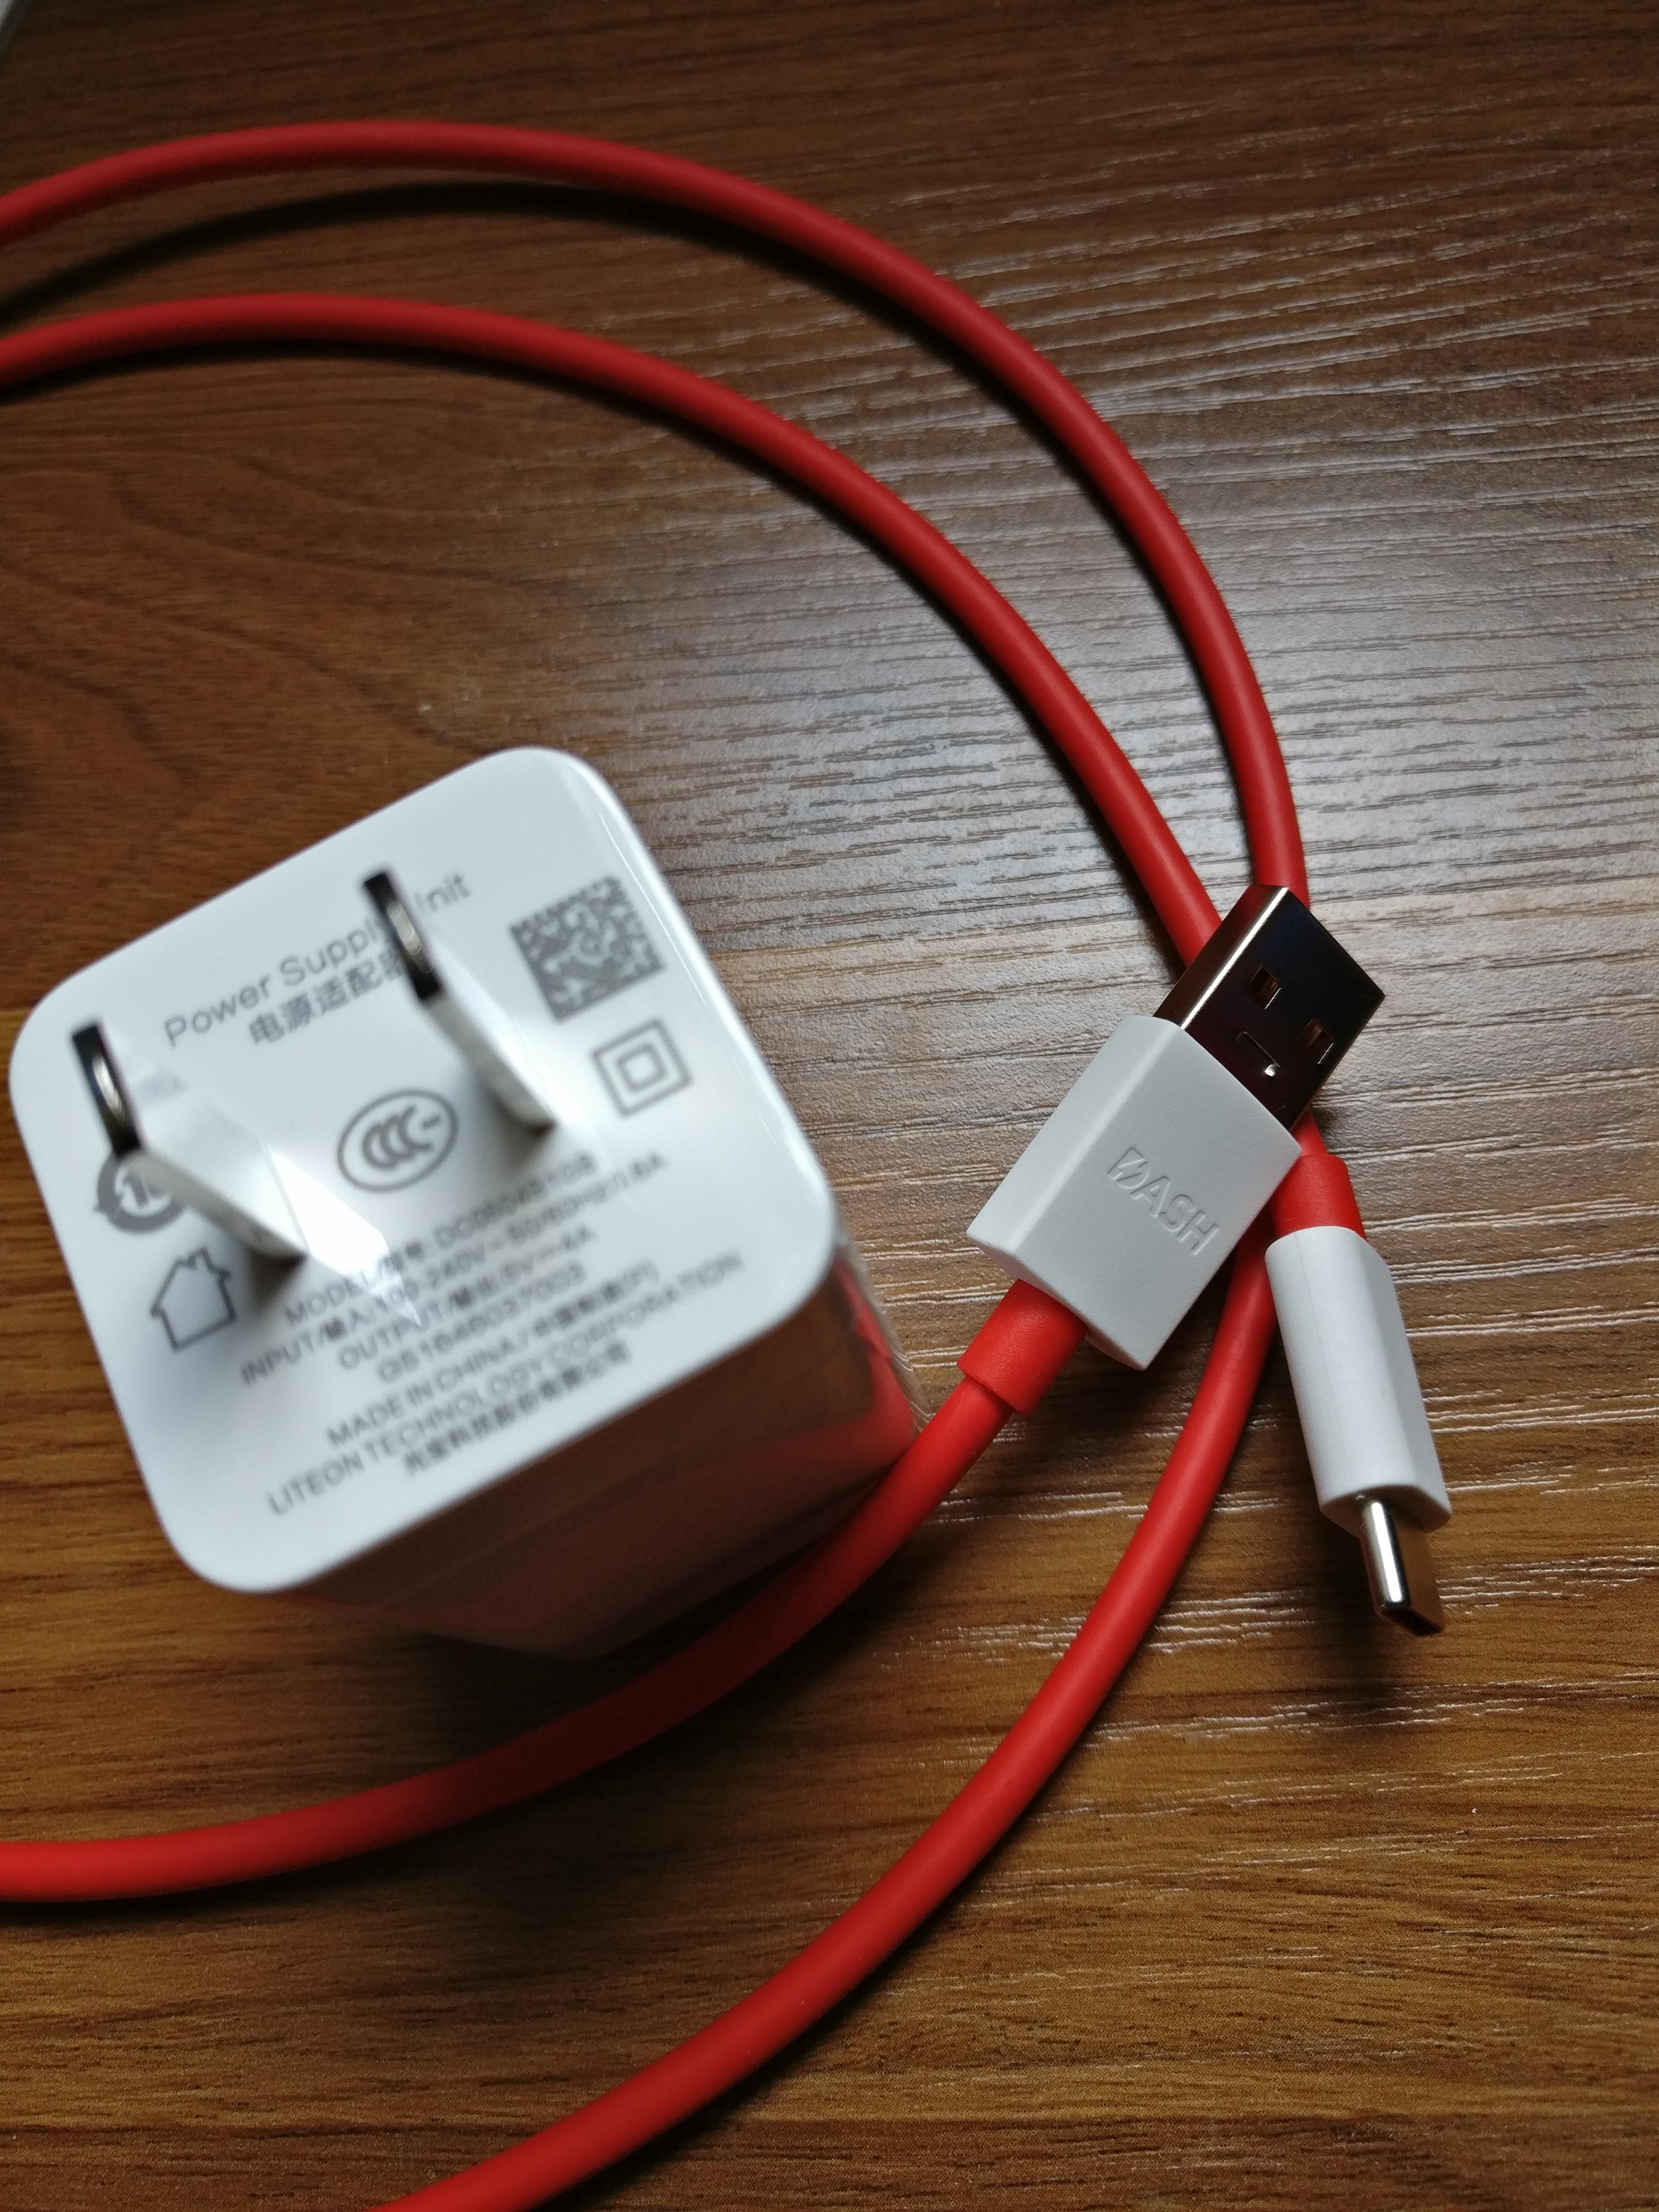 试下3T的微距闪充充电器